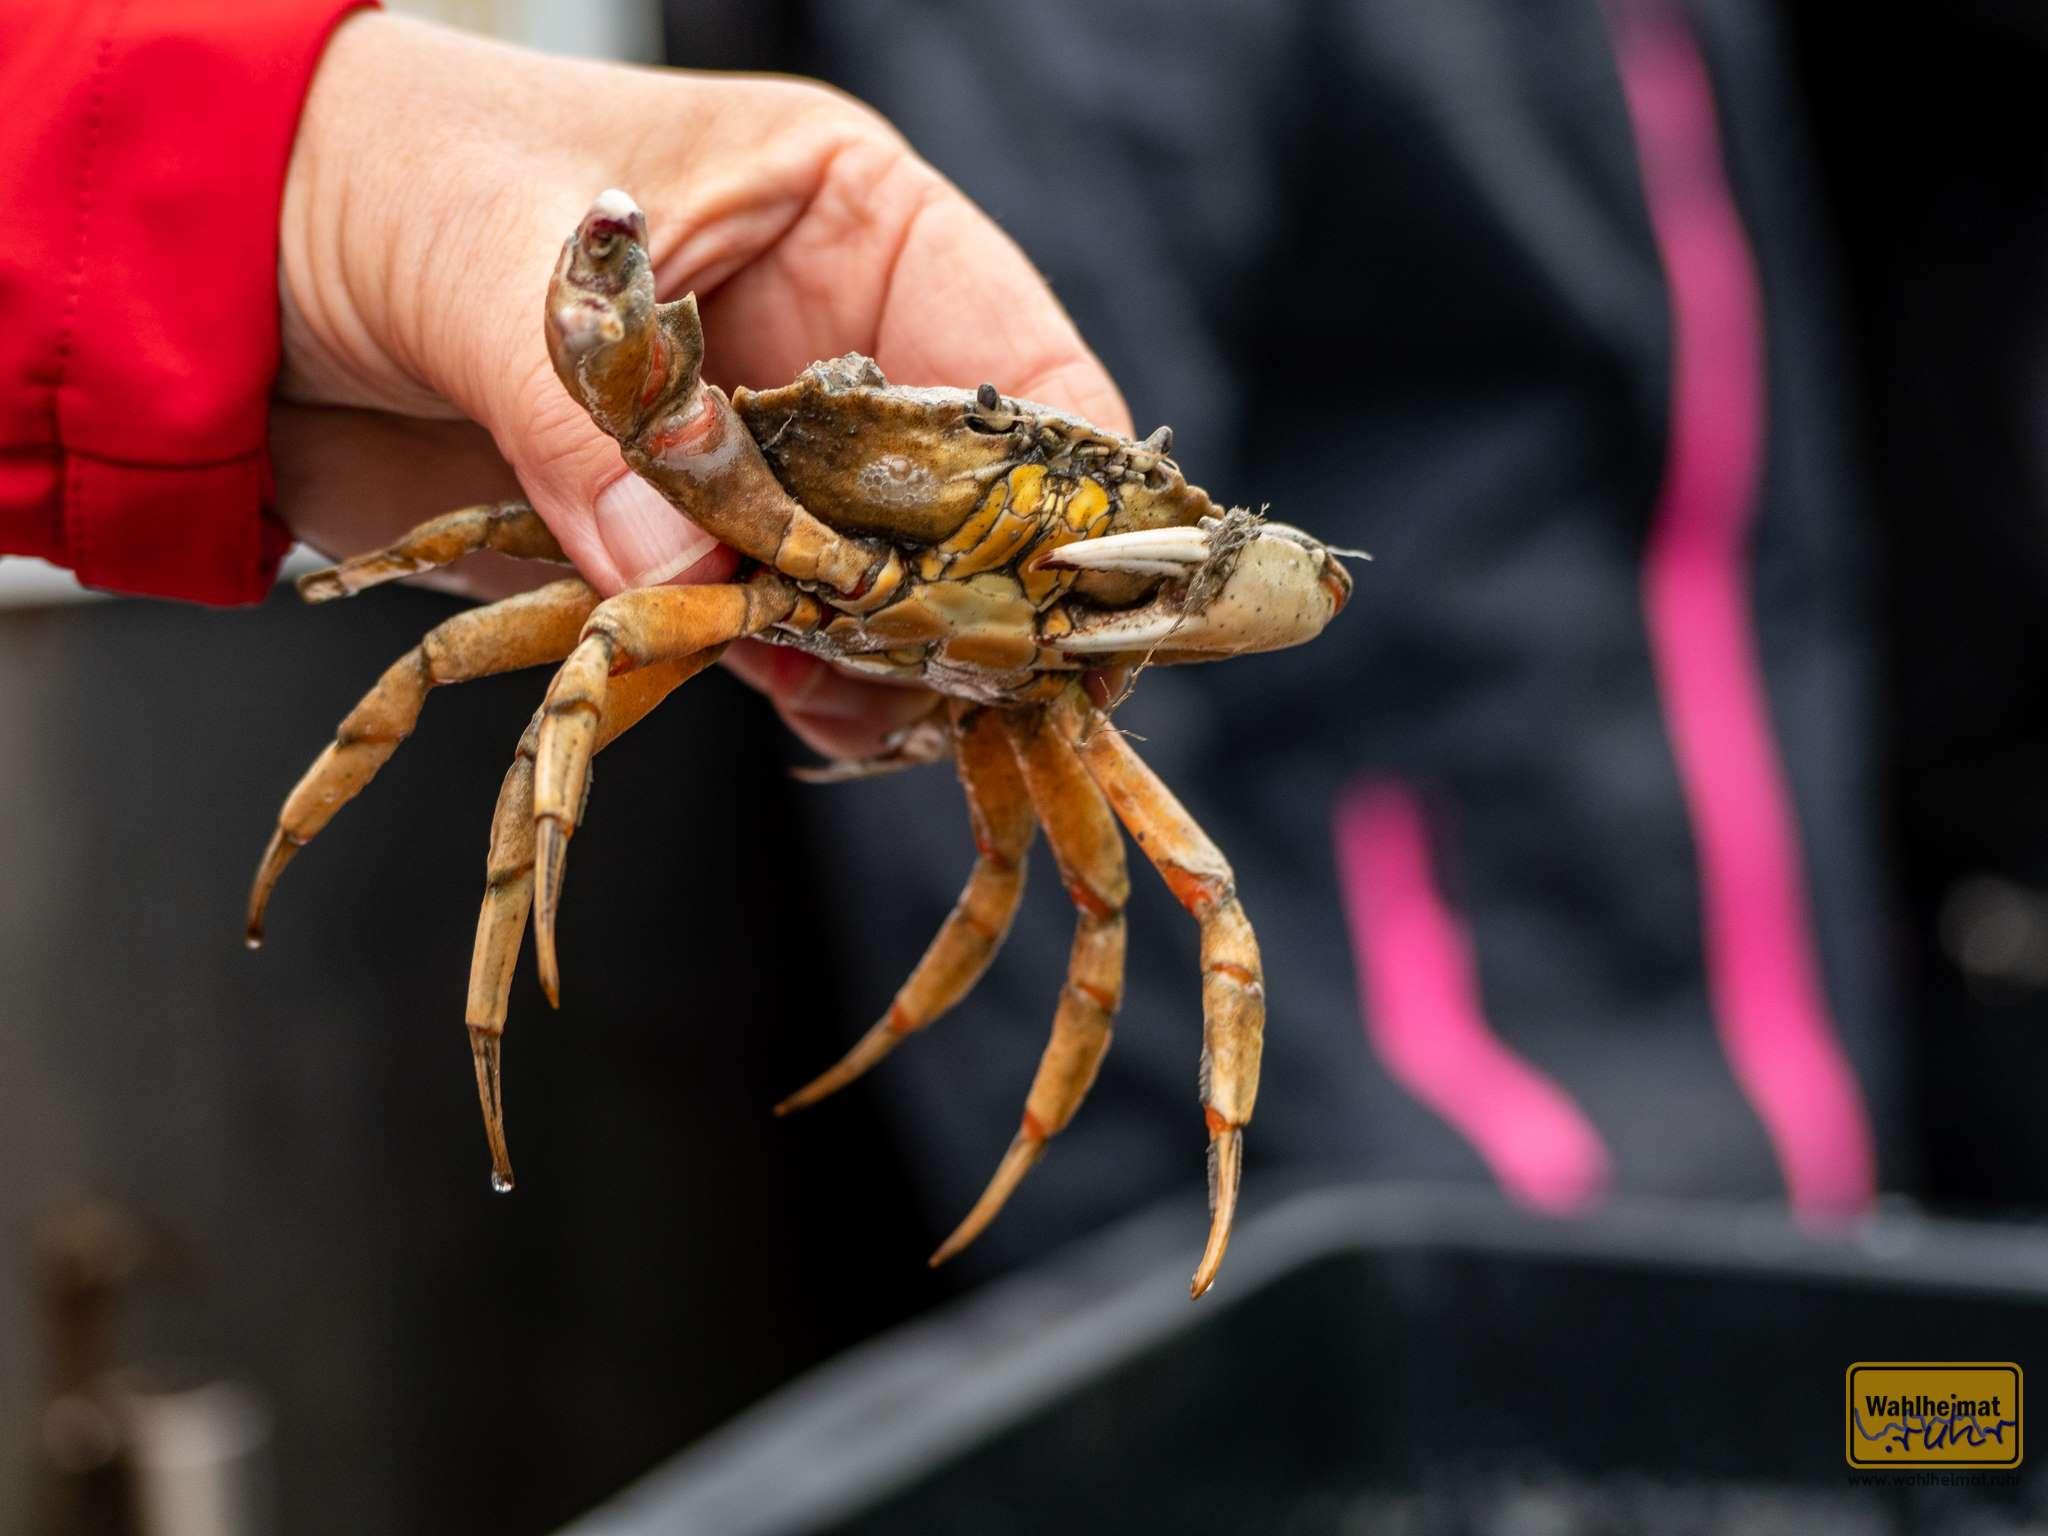 Hallo, I bims - eine Krabbe! Während der Fahrt erhält man Einblicke die Meereswelt. Nach einer kurzen Stippvisite an Bord geht es für die Meeresbewohner wieder zurück ins Wasser.